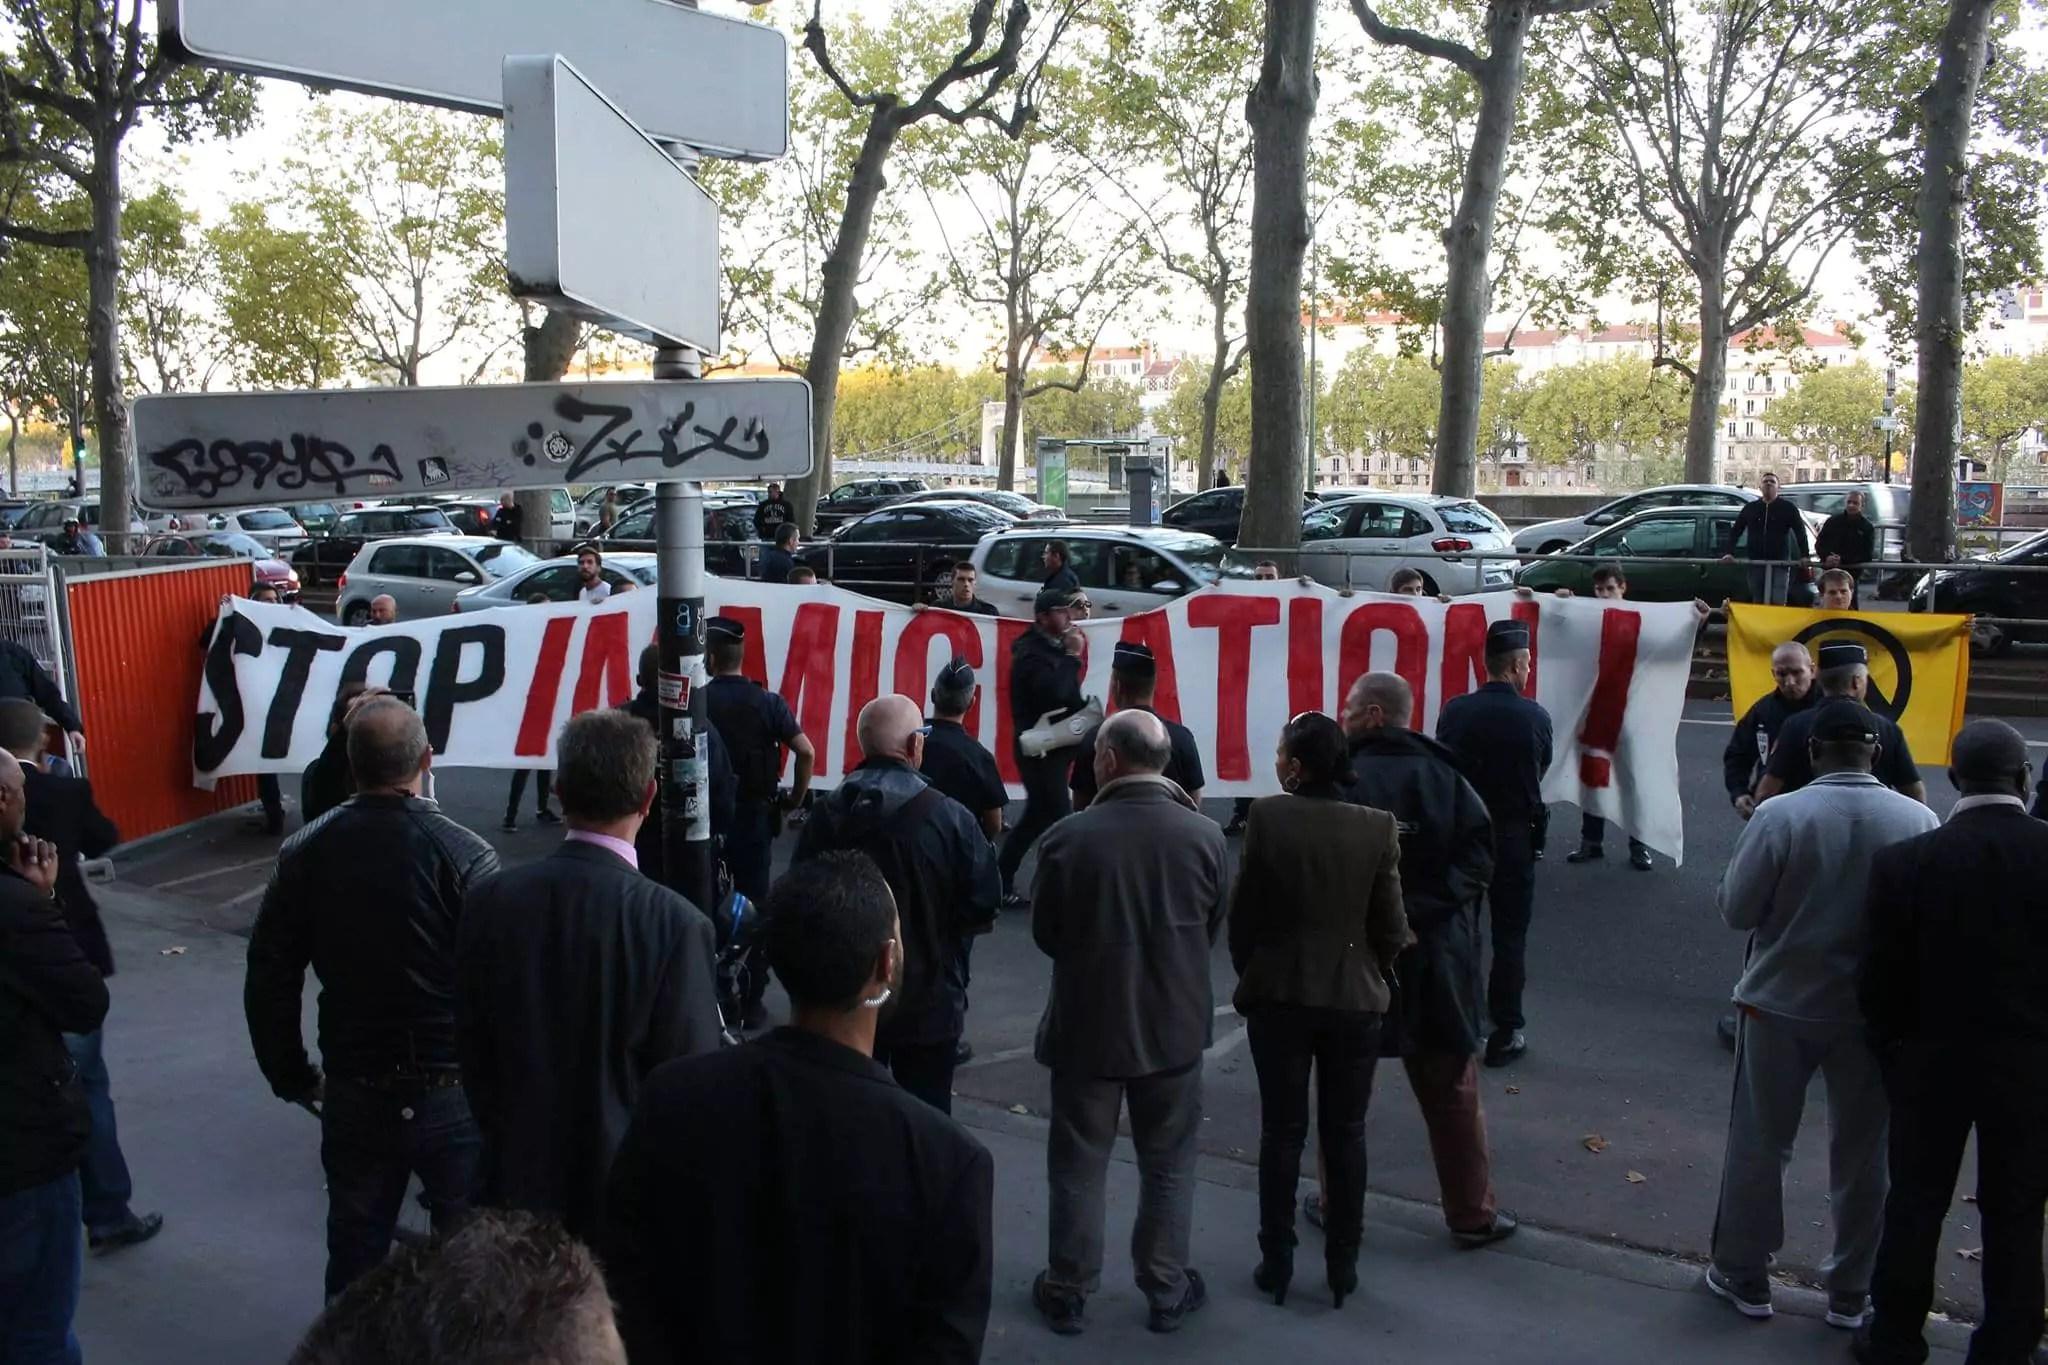 Les identitaires lyonnais devant le local de campagne de Jean-Jack Queyranne le 24 septembre. ©DR